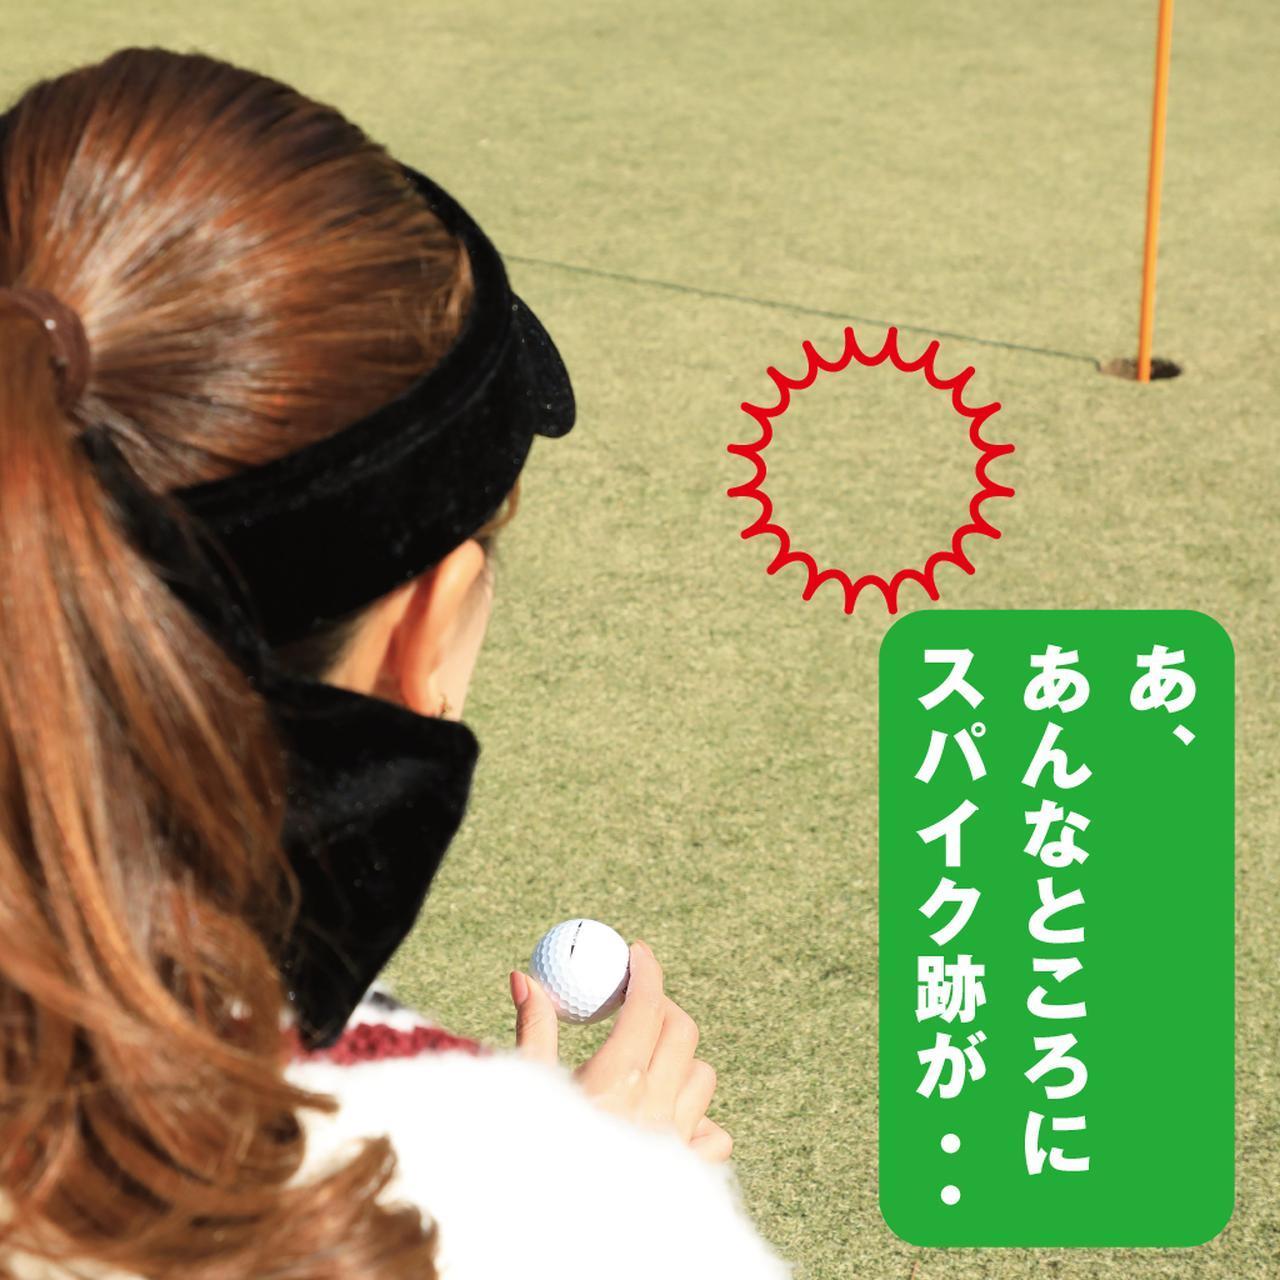 画像2: 【新ルール】パットのライン上にスパイク跡が。これって直せる?